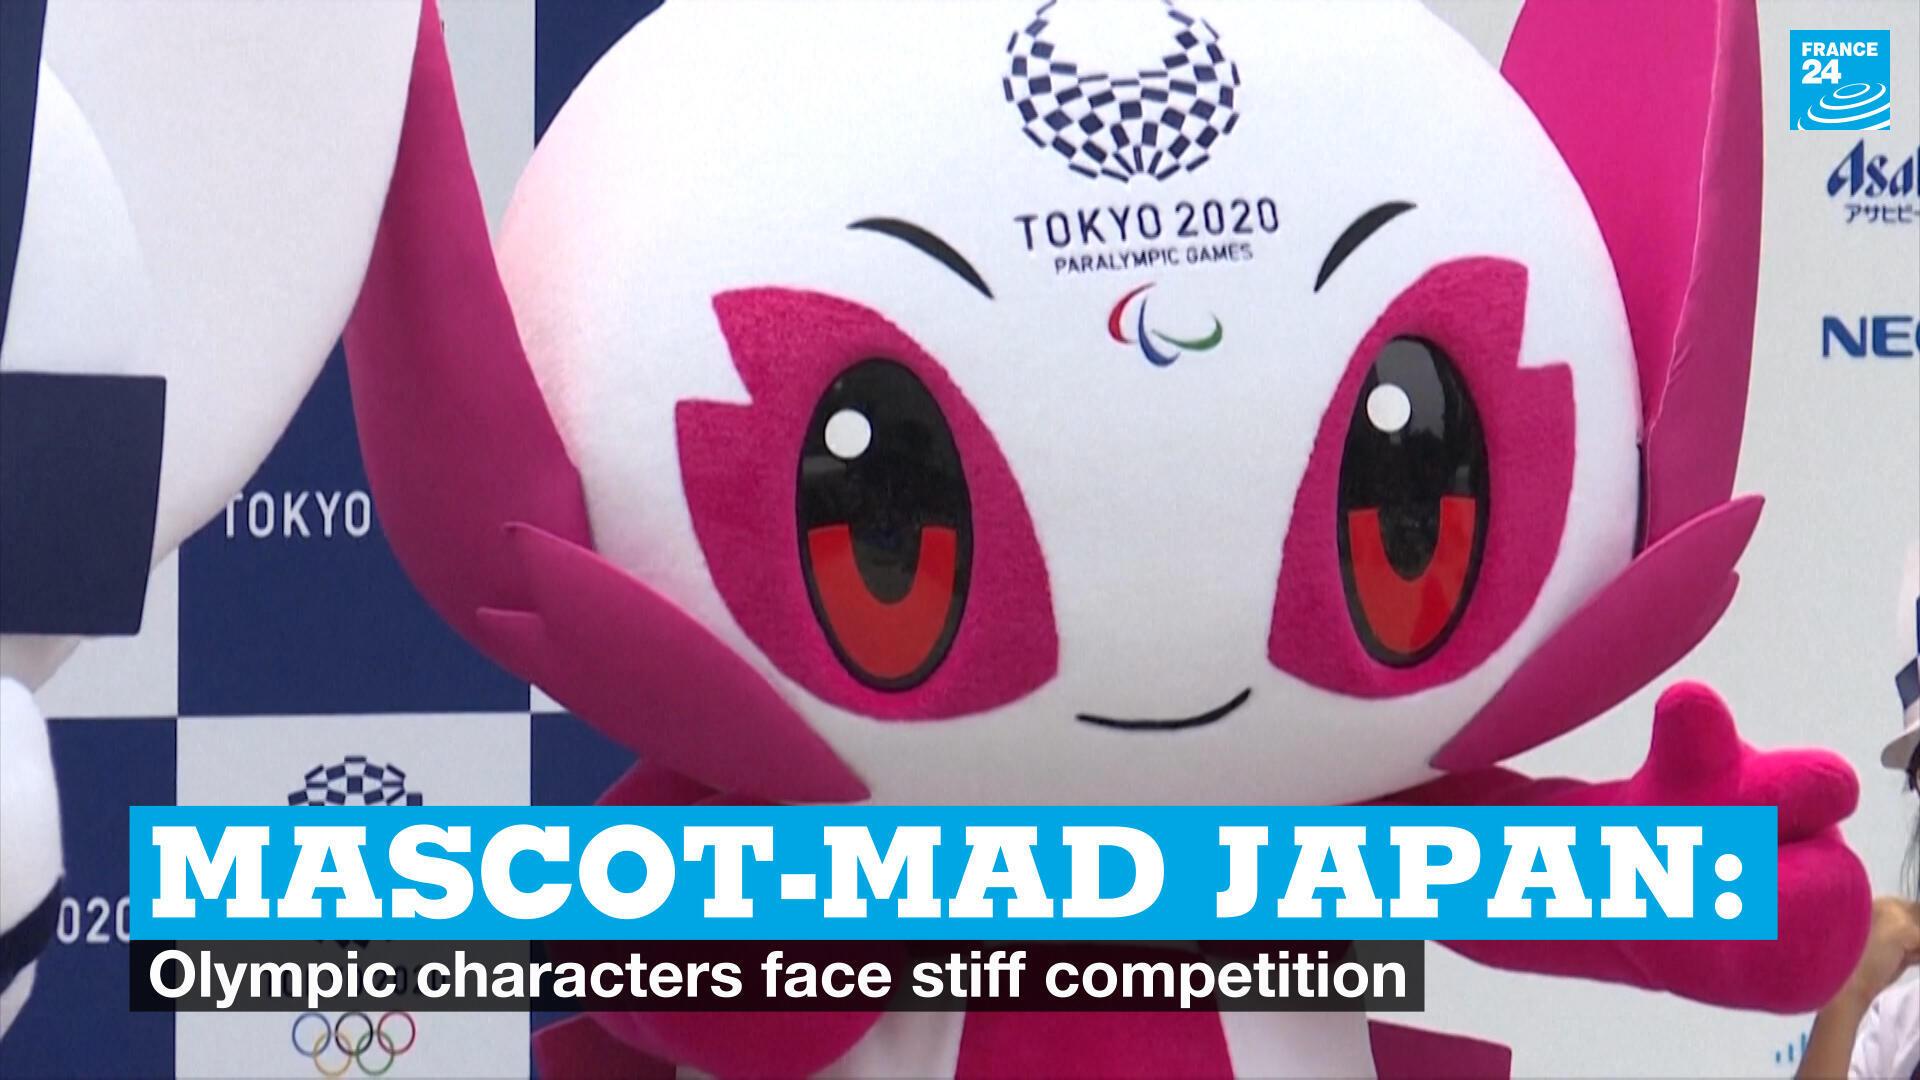 Mascot-mad Japan, TOKYO 2021